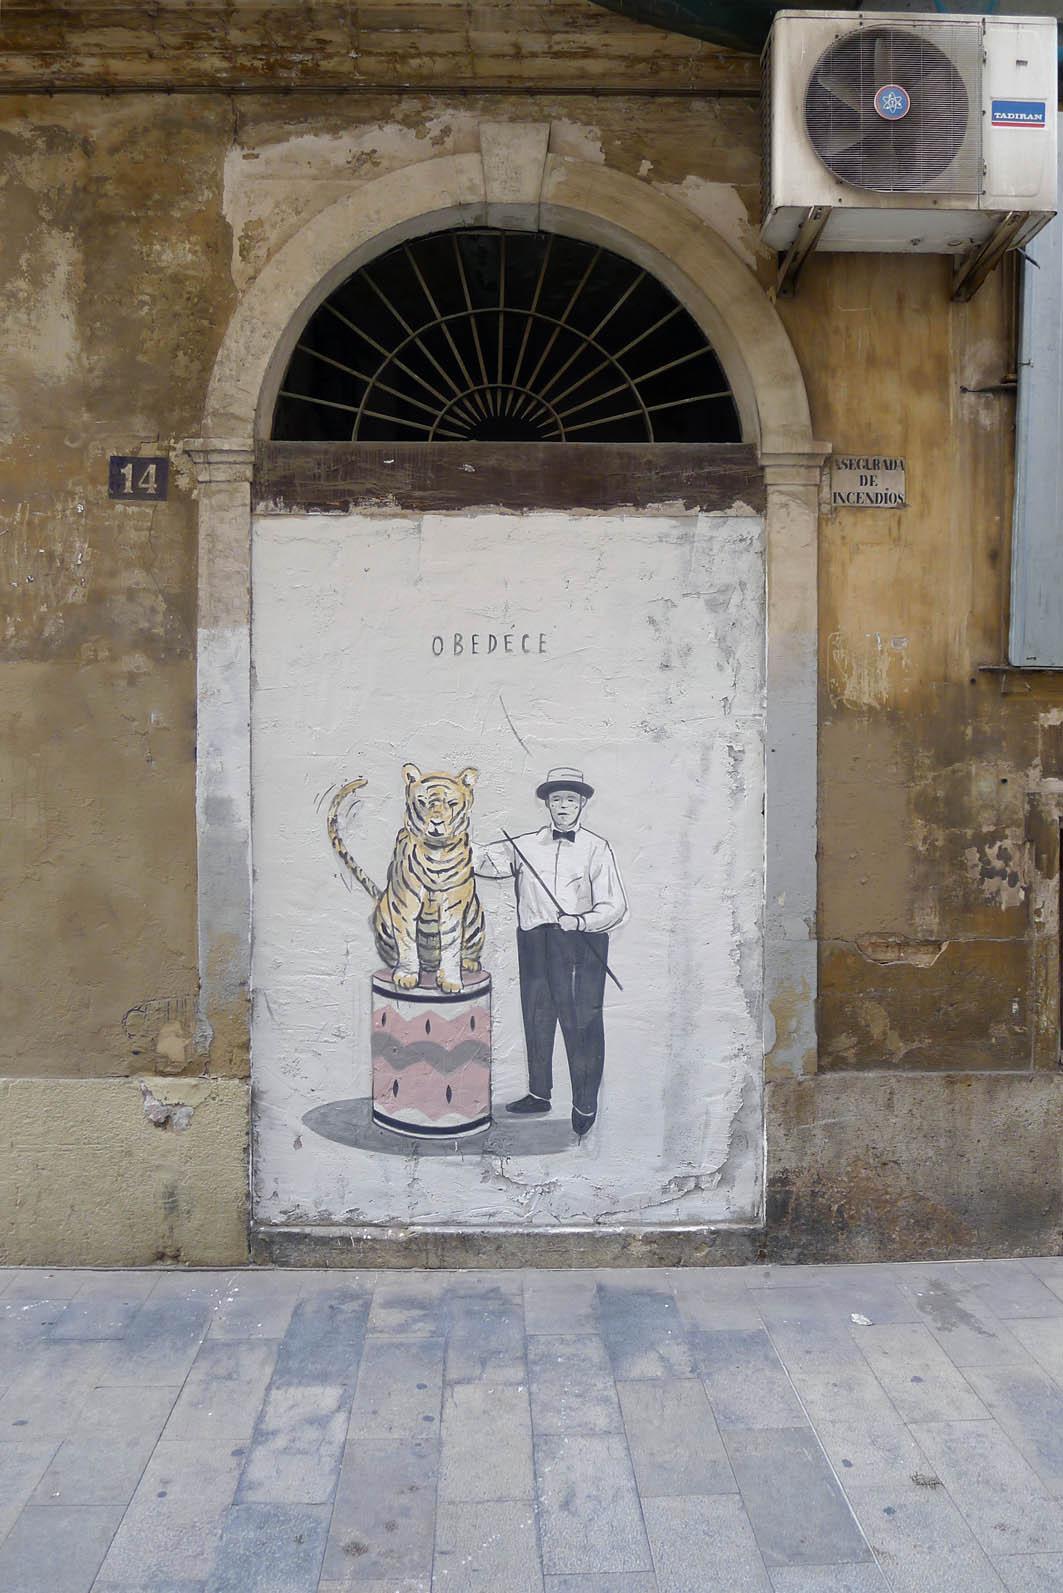 escif-obedece-new-mural-in-valencia-02